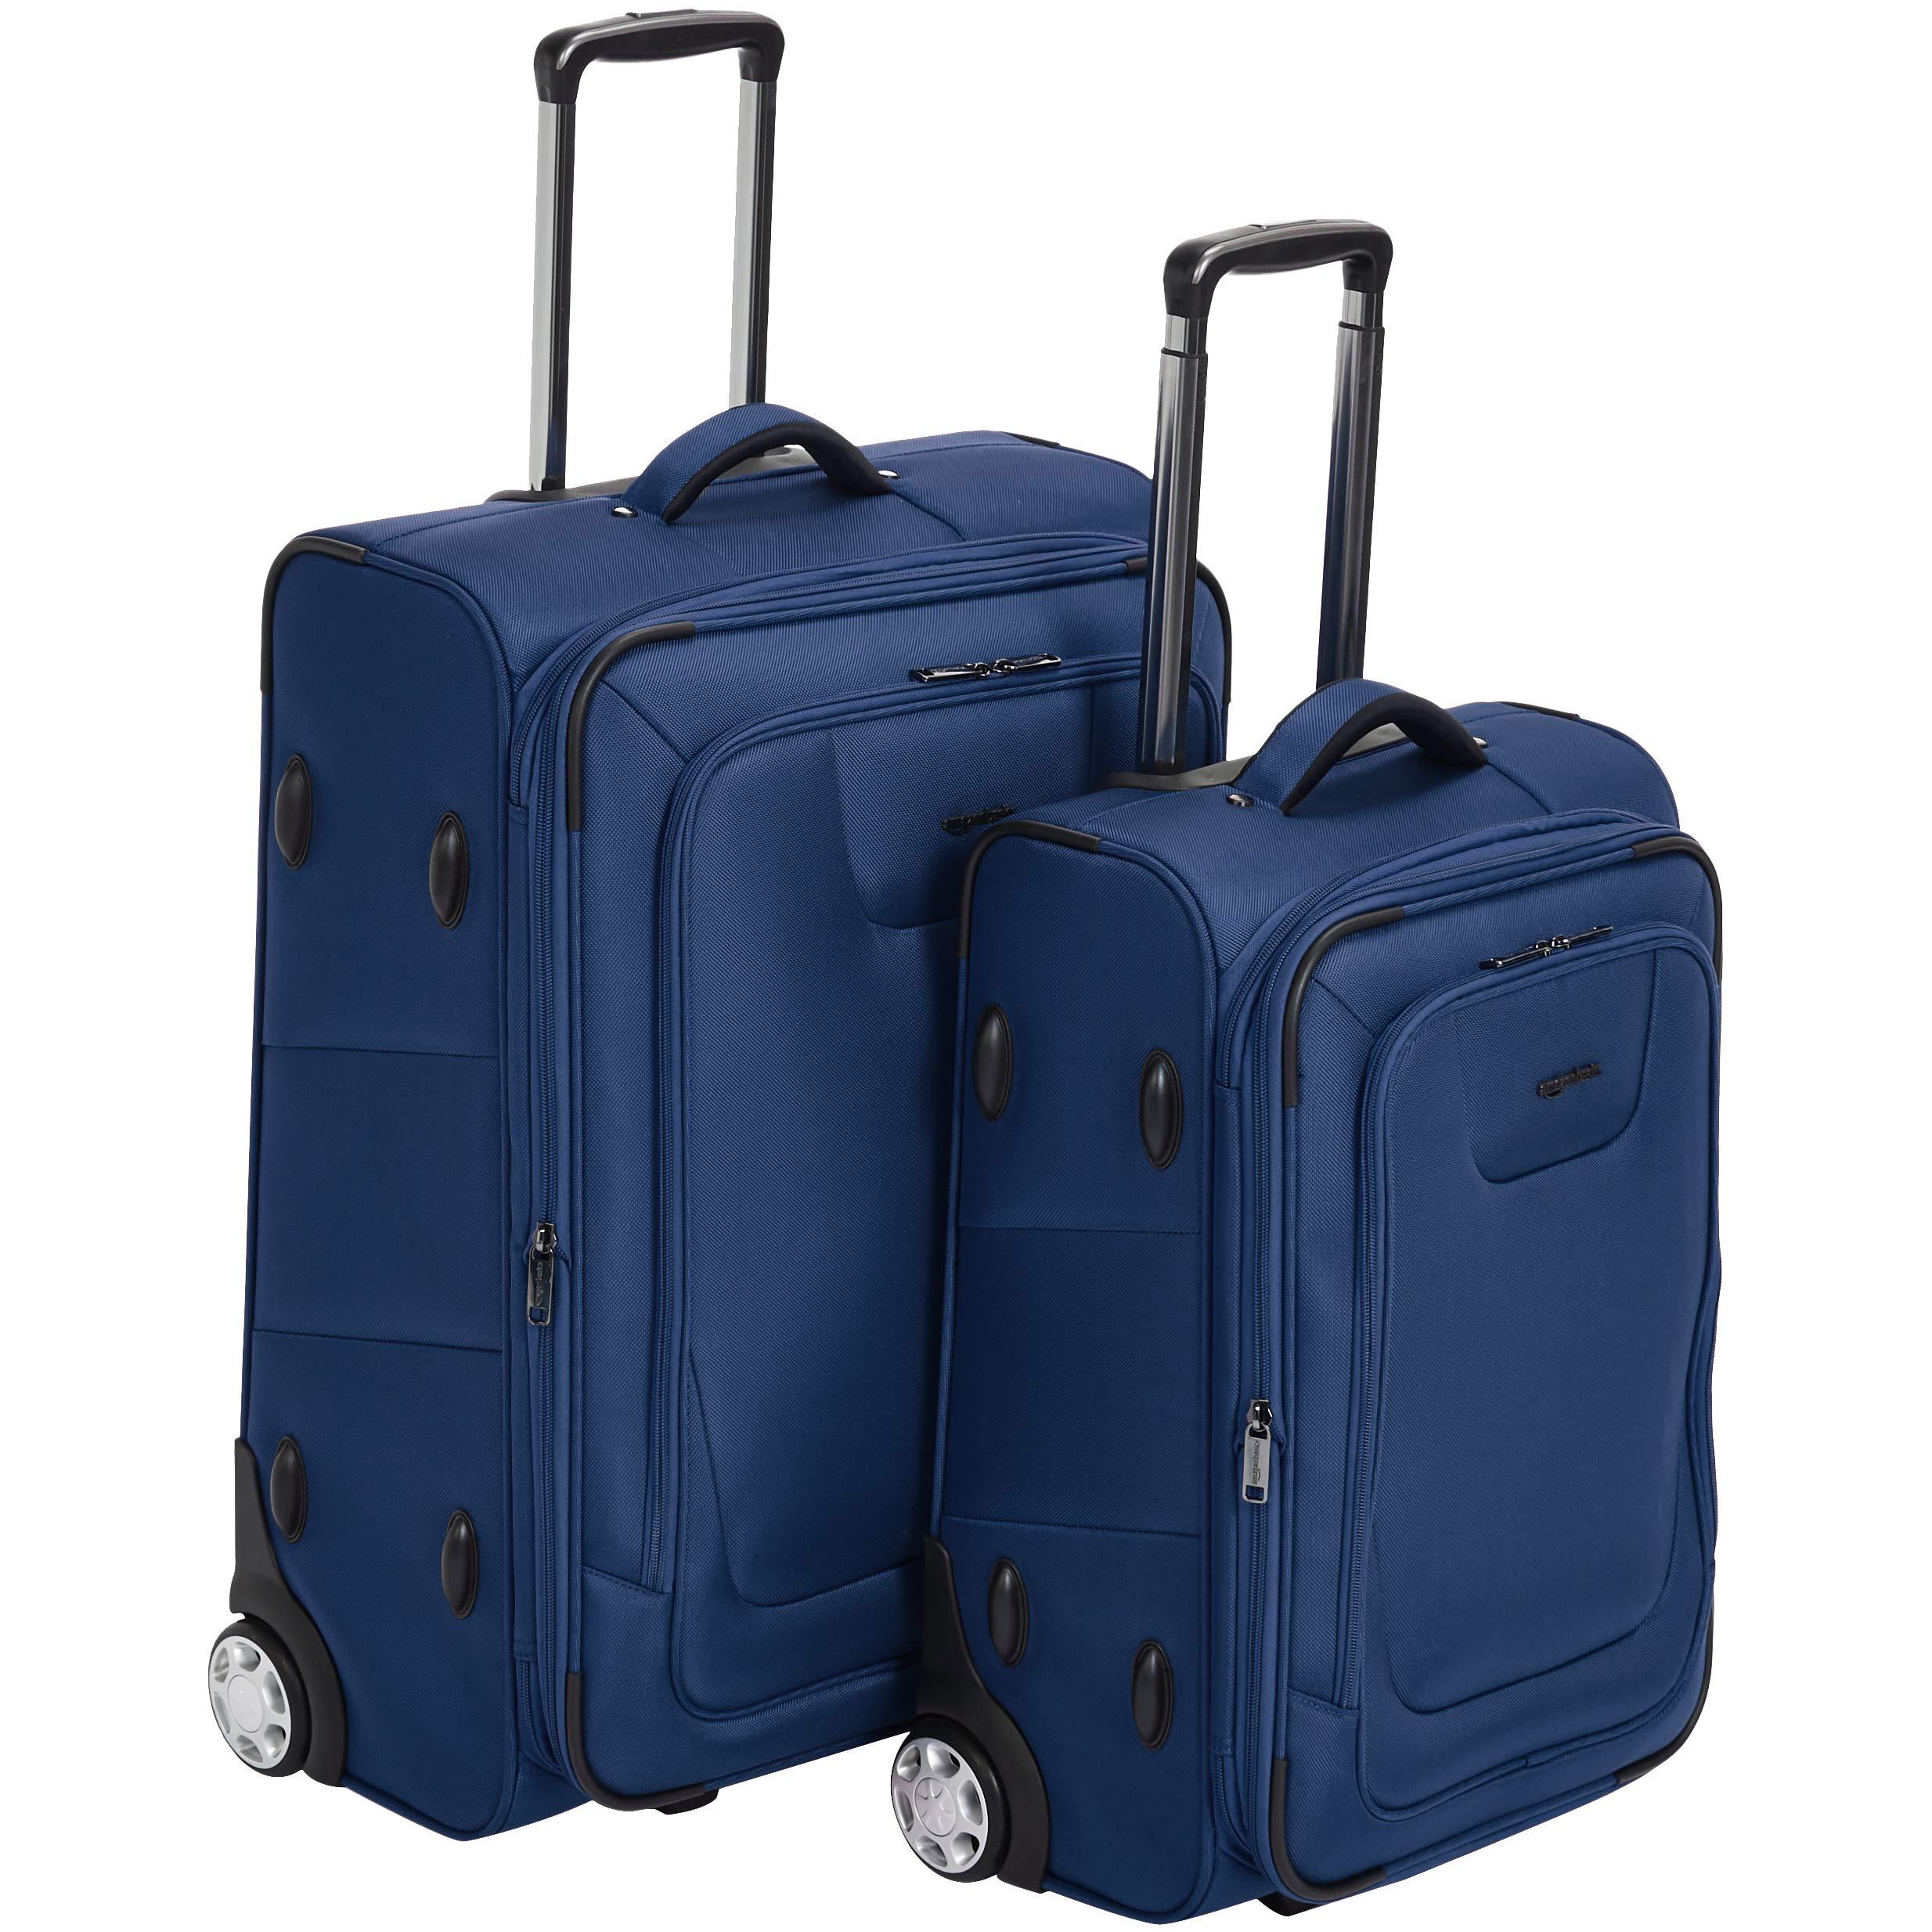 AmazonBasics Premium Upright Expandable Softside Suitcase with TSA Lock 2-Piece Set - 22/26-Inch, Blue